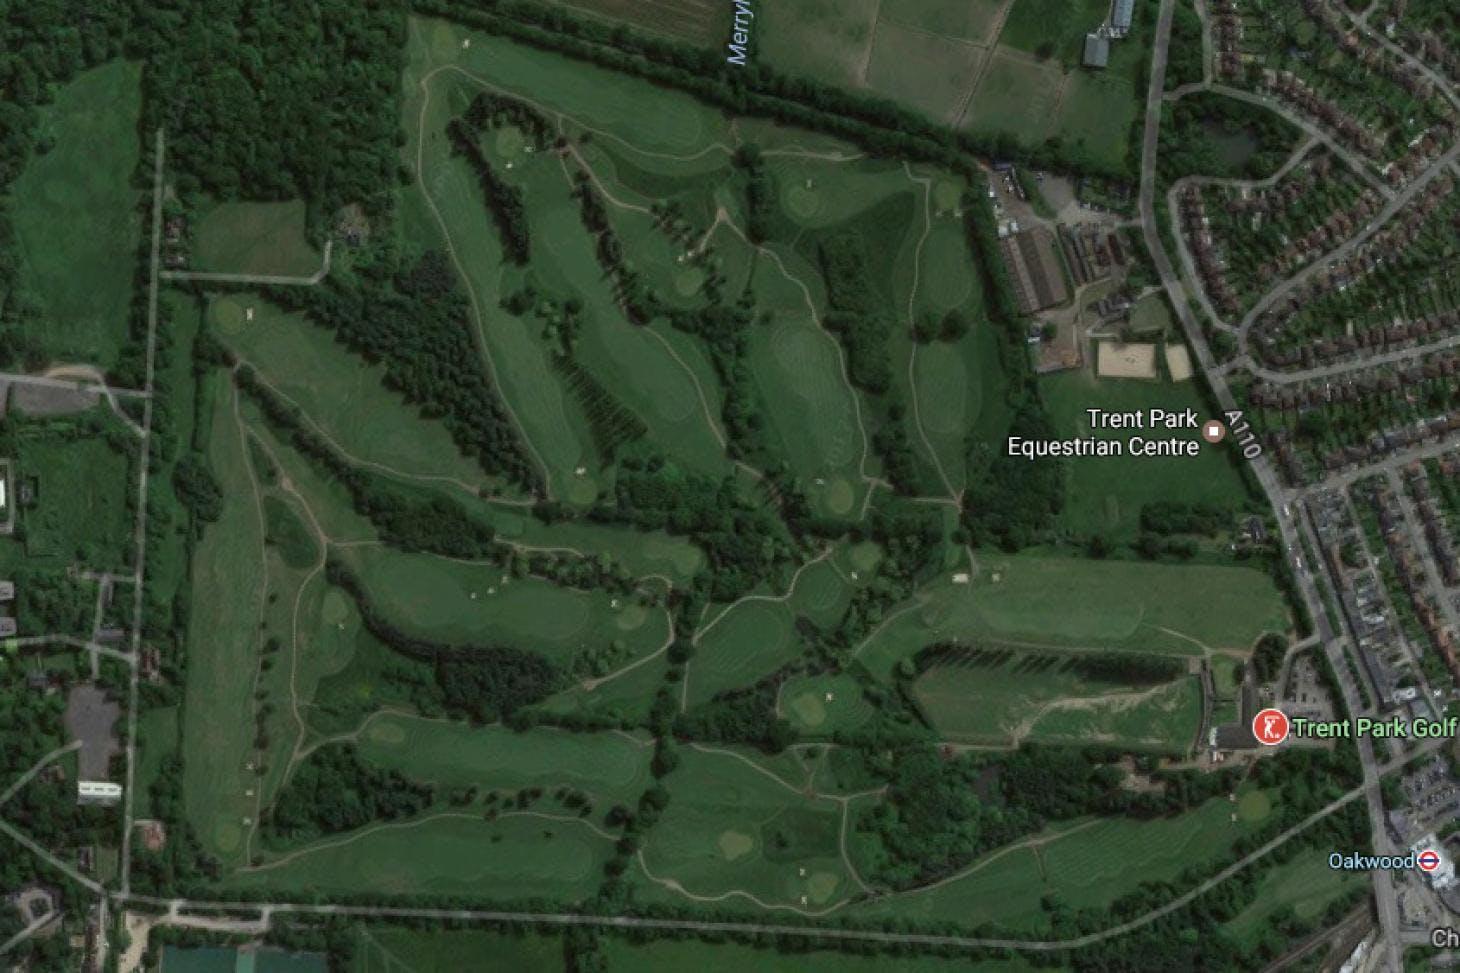 Trent Park Public Golf Centre 18 hole golf course